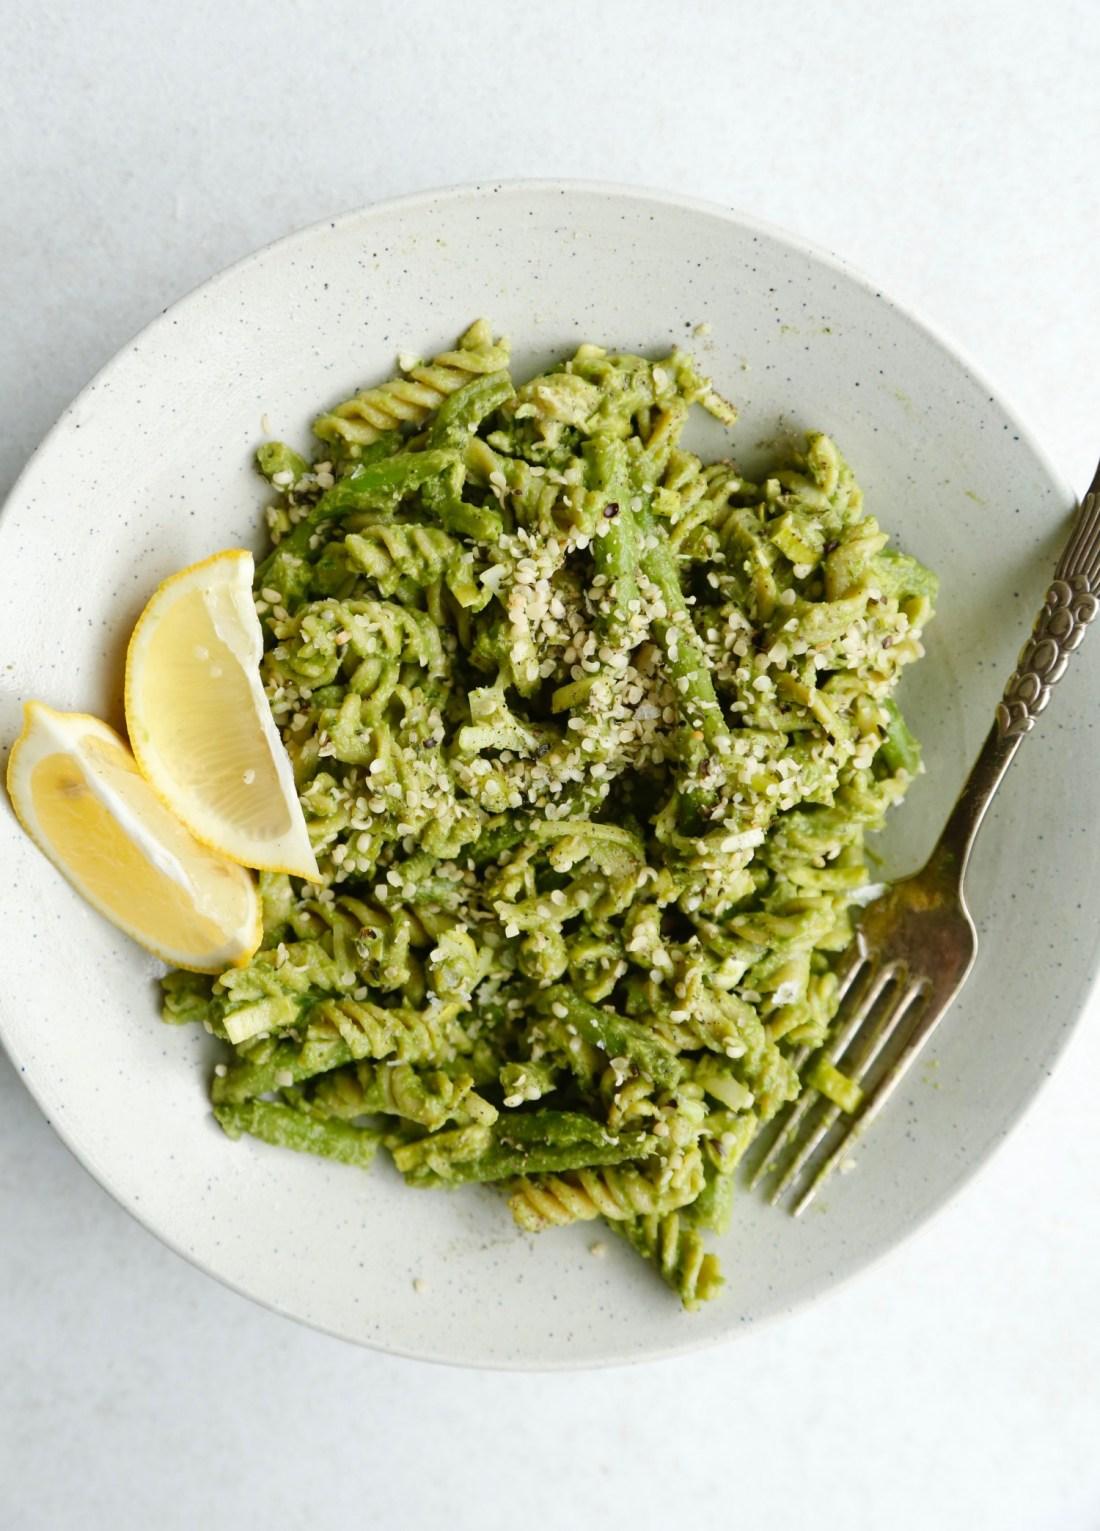 sund-hverdagsmad-groen-pastasalat-med-avokadodressing-2